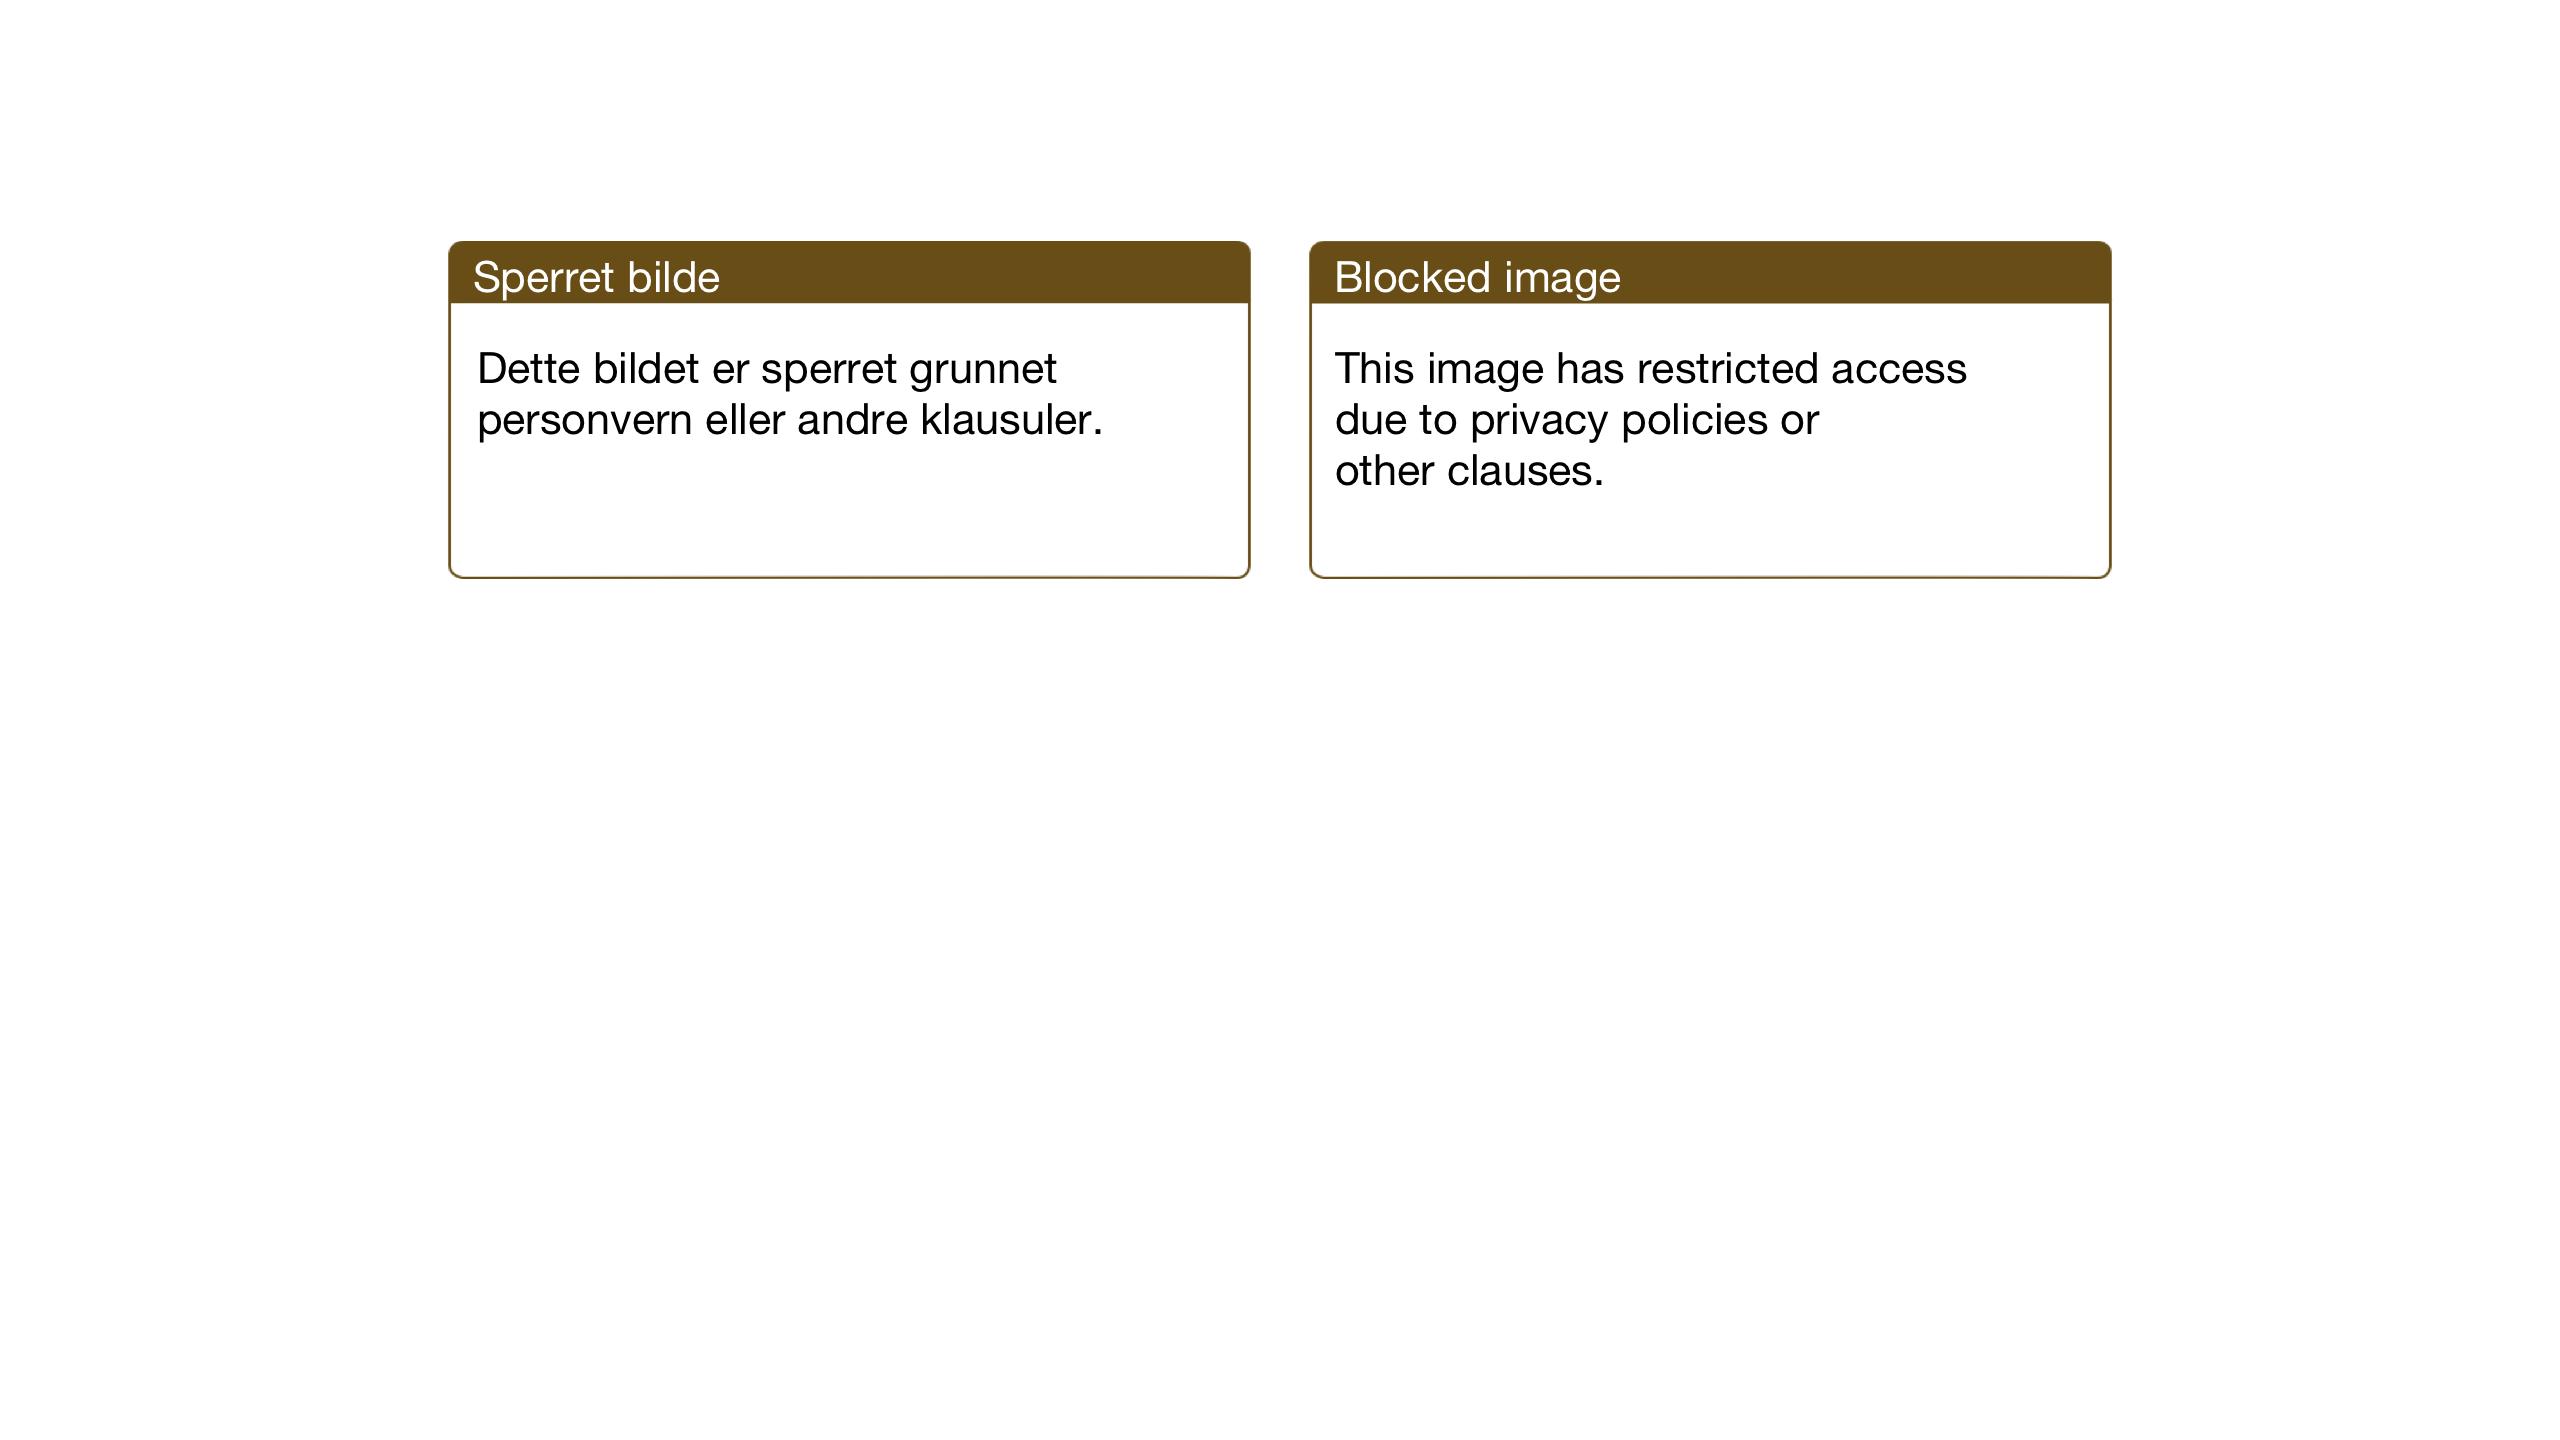 SAT, Ministerialprotokoller, klokkerbøker og fødselsregistre - Nord-Trøndelag, 770/L0592: Klokkerbok nr. 770C03, 1941-1950, s. 151